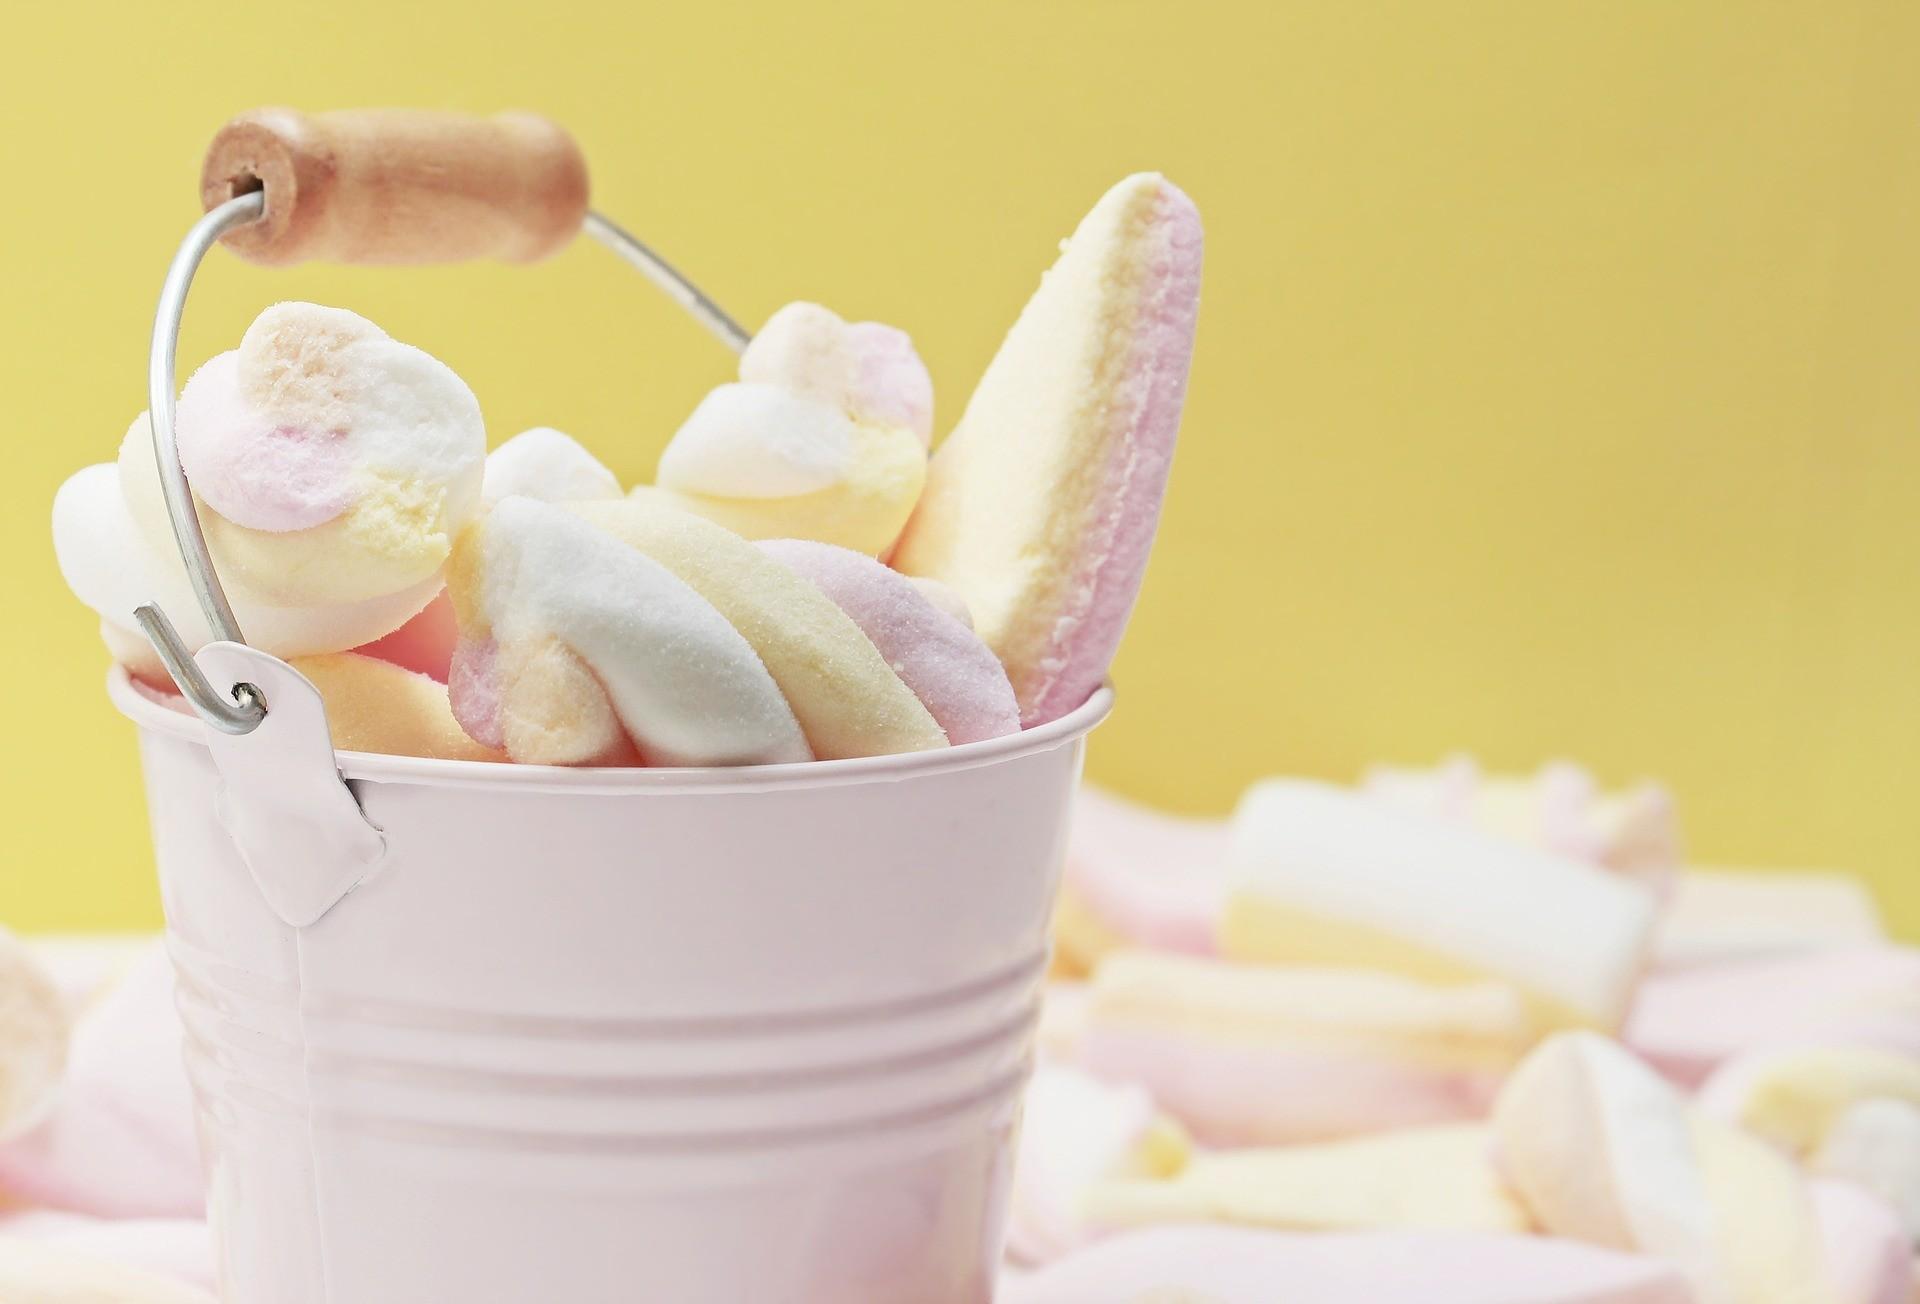 Можно ли есть мороженое при похудении?